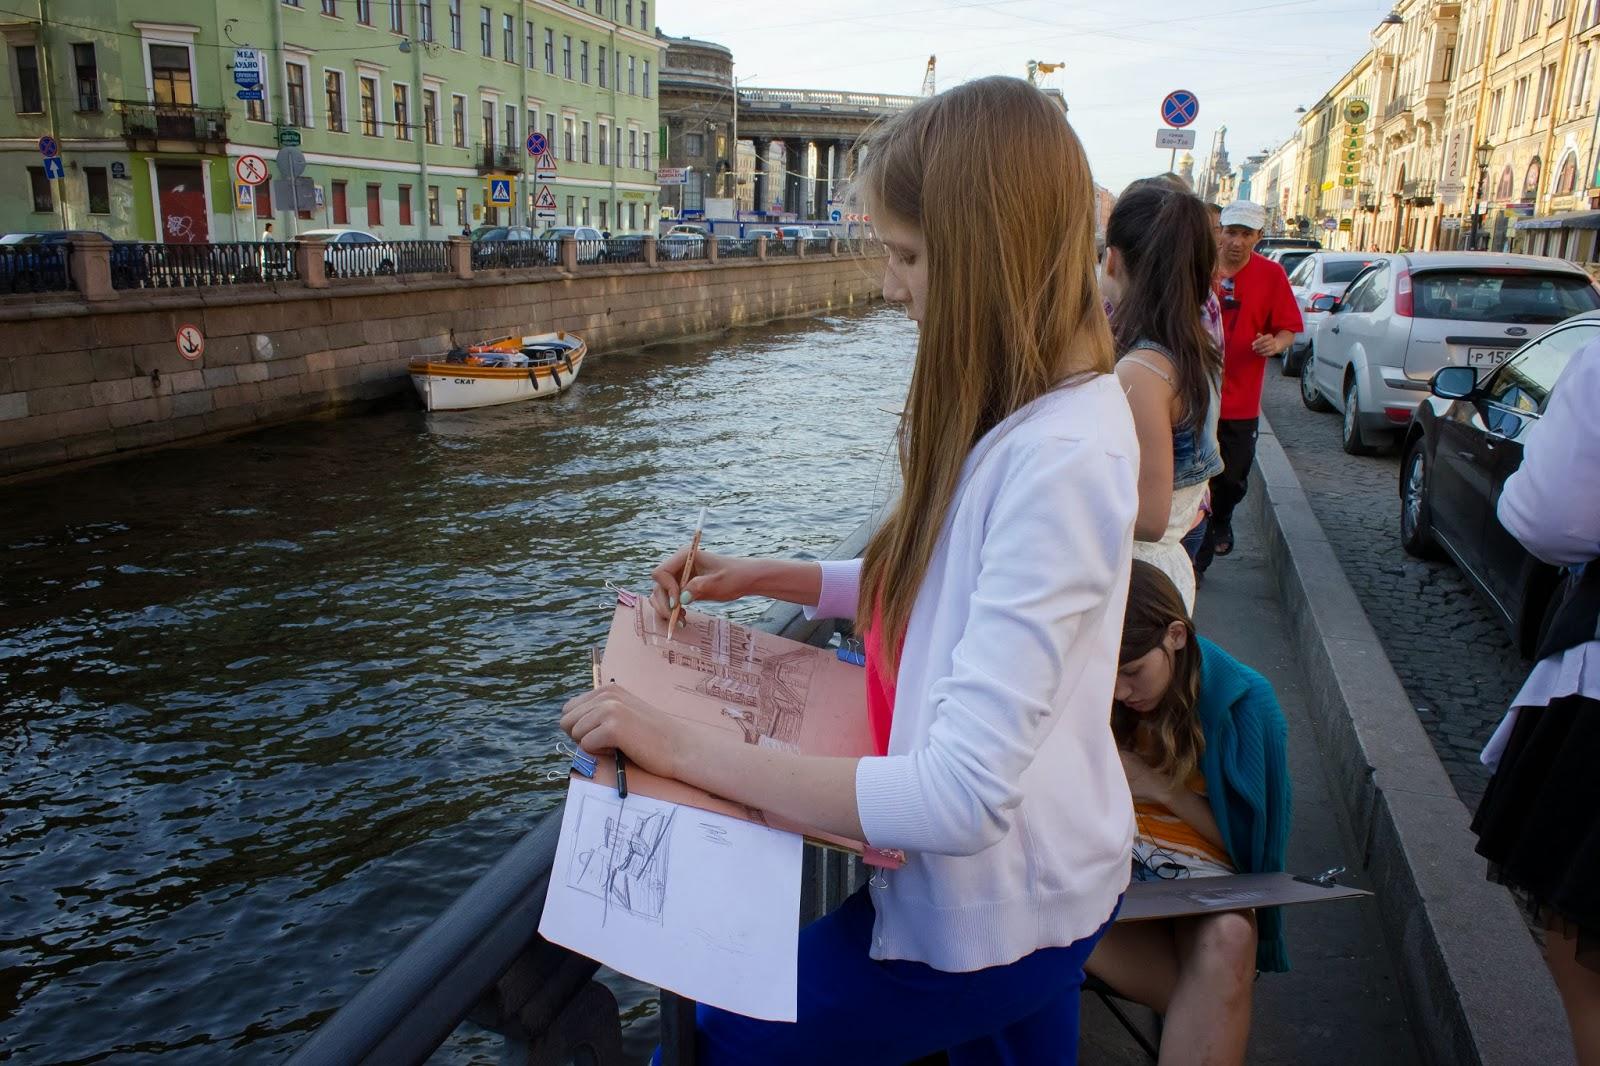 Санкт-Петербург, Россия, Каналы